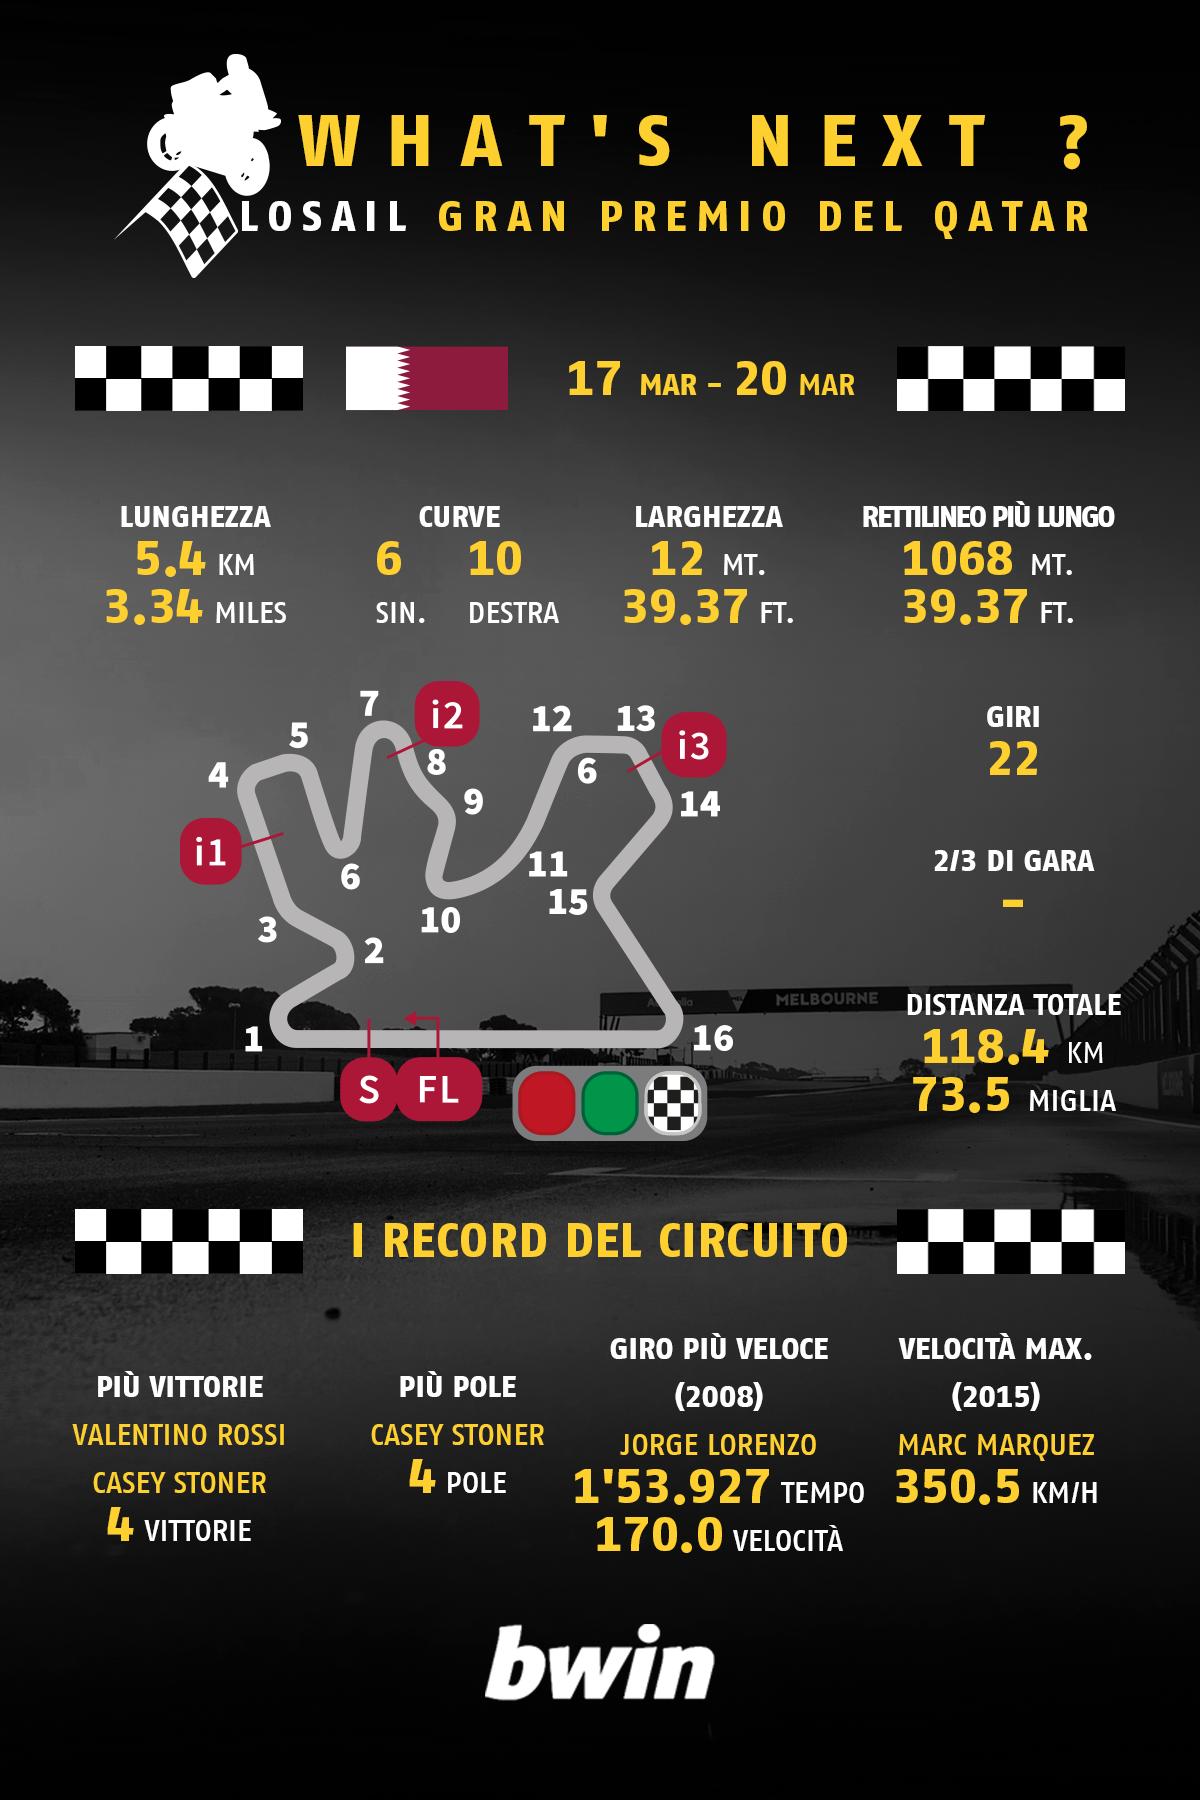 MotoGP whatsnext #1